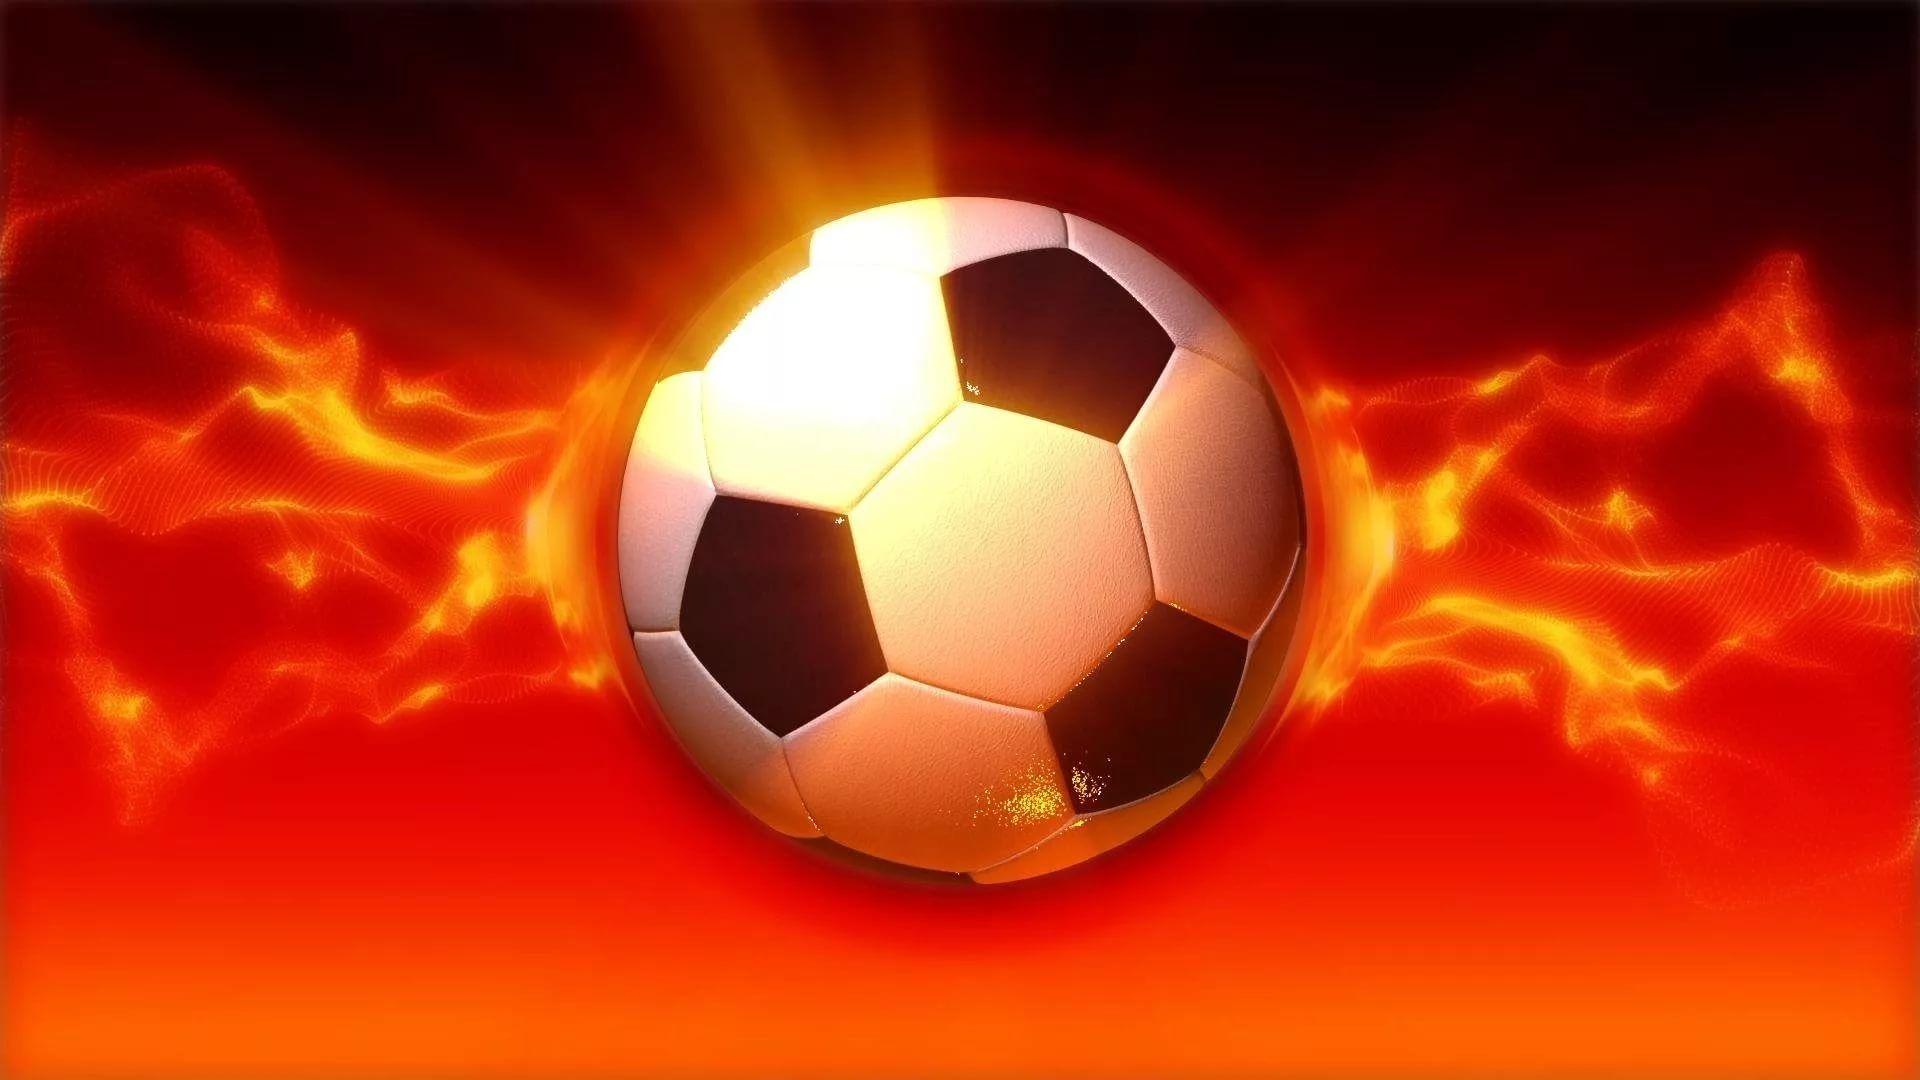 Soccer Ball hd desktop wallpaper